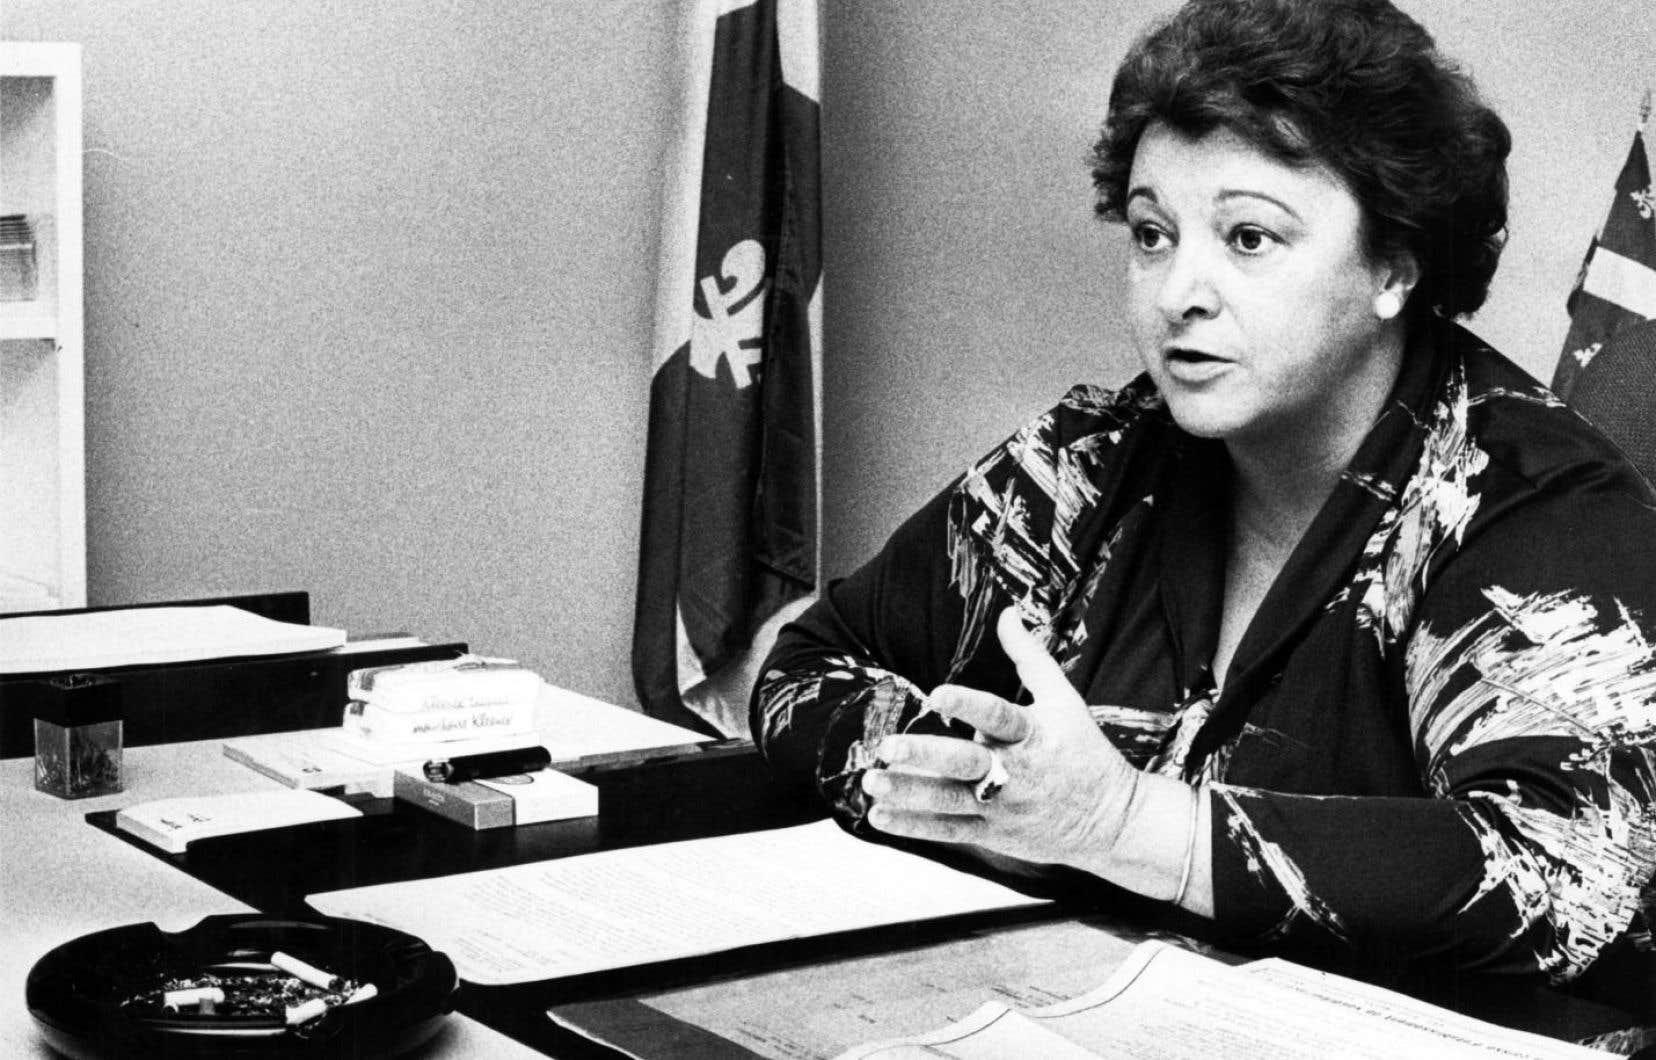 Lorsque Lise Payette était ministre des Consommateurs, des Coopératives et des Institutions financières, elle a hérité du mandat de rénover la Loi sur la protection du consommateur.